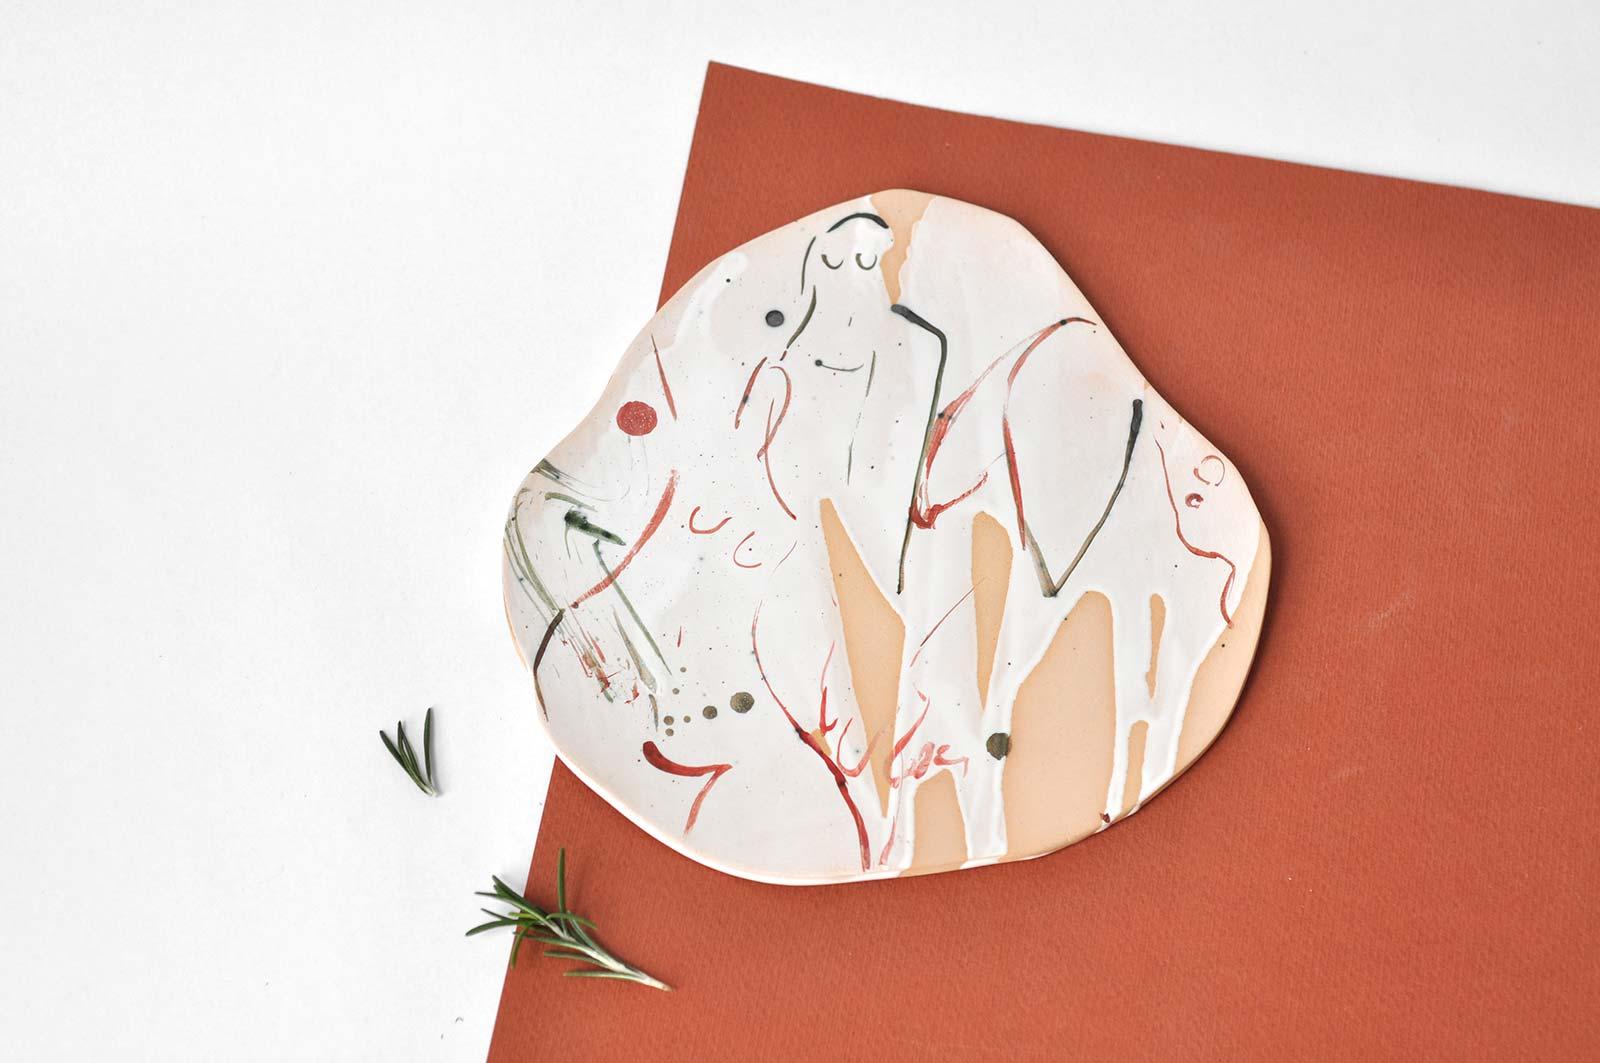 Вид спереди - Декоративная керамическая тарелка (Ручная работа)